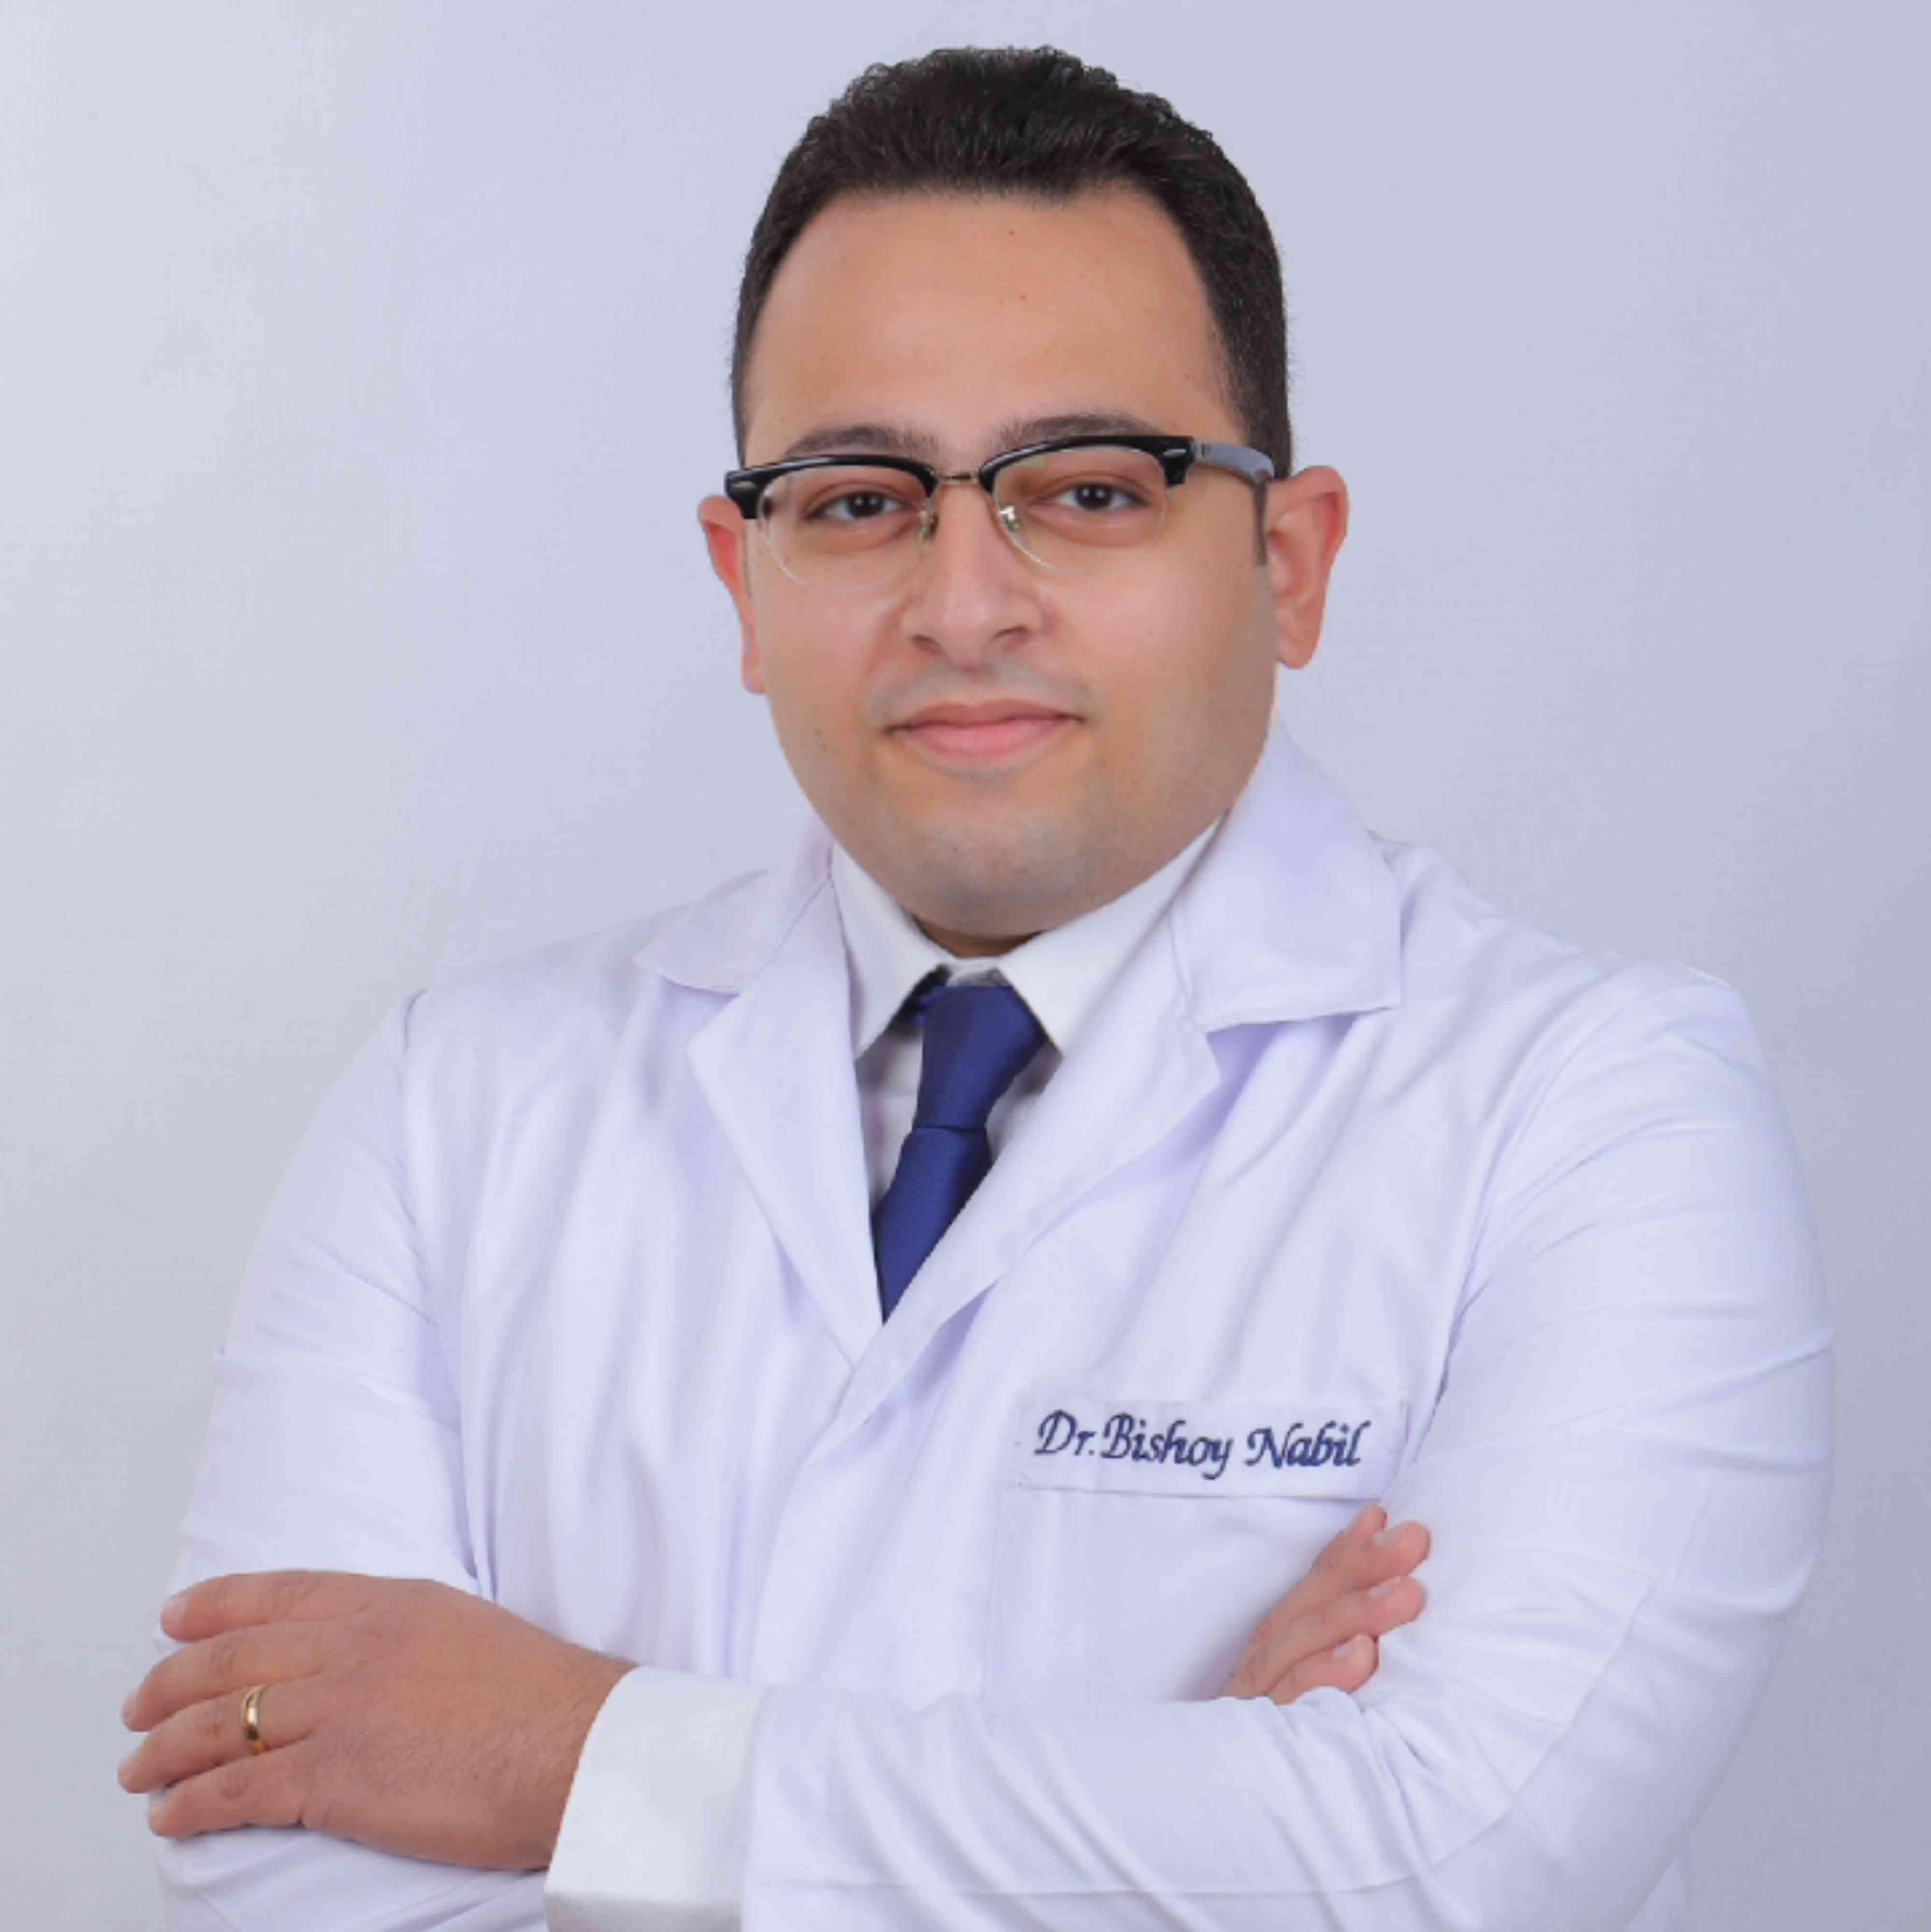 دكتور بيشوى نبيل